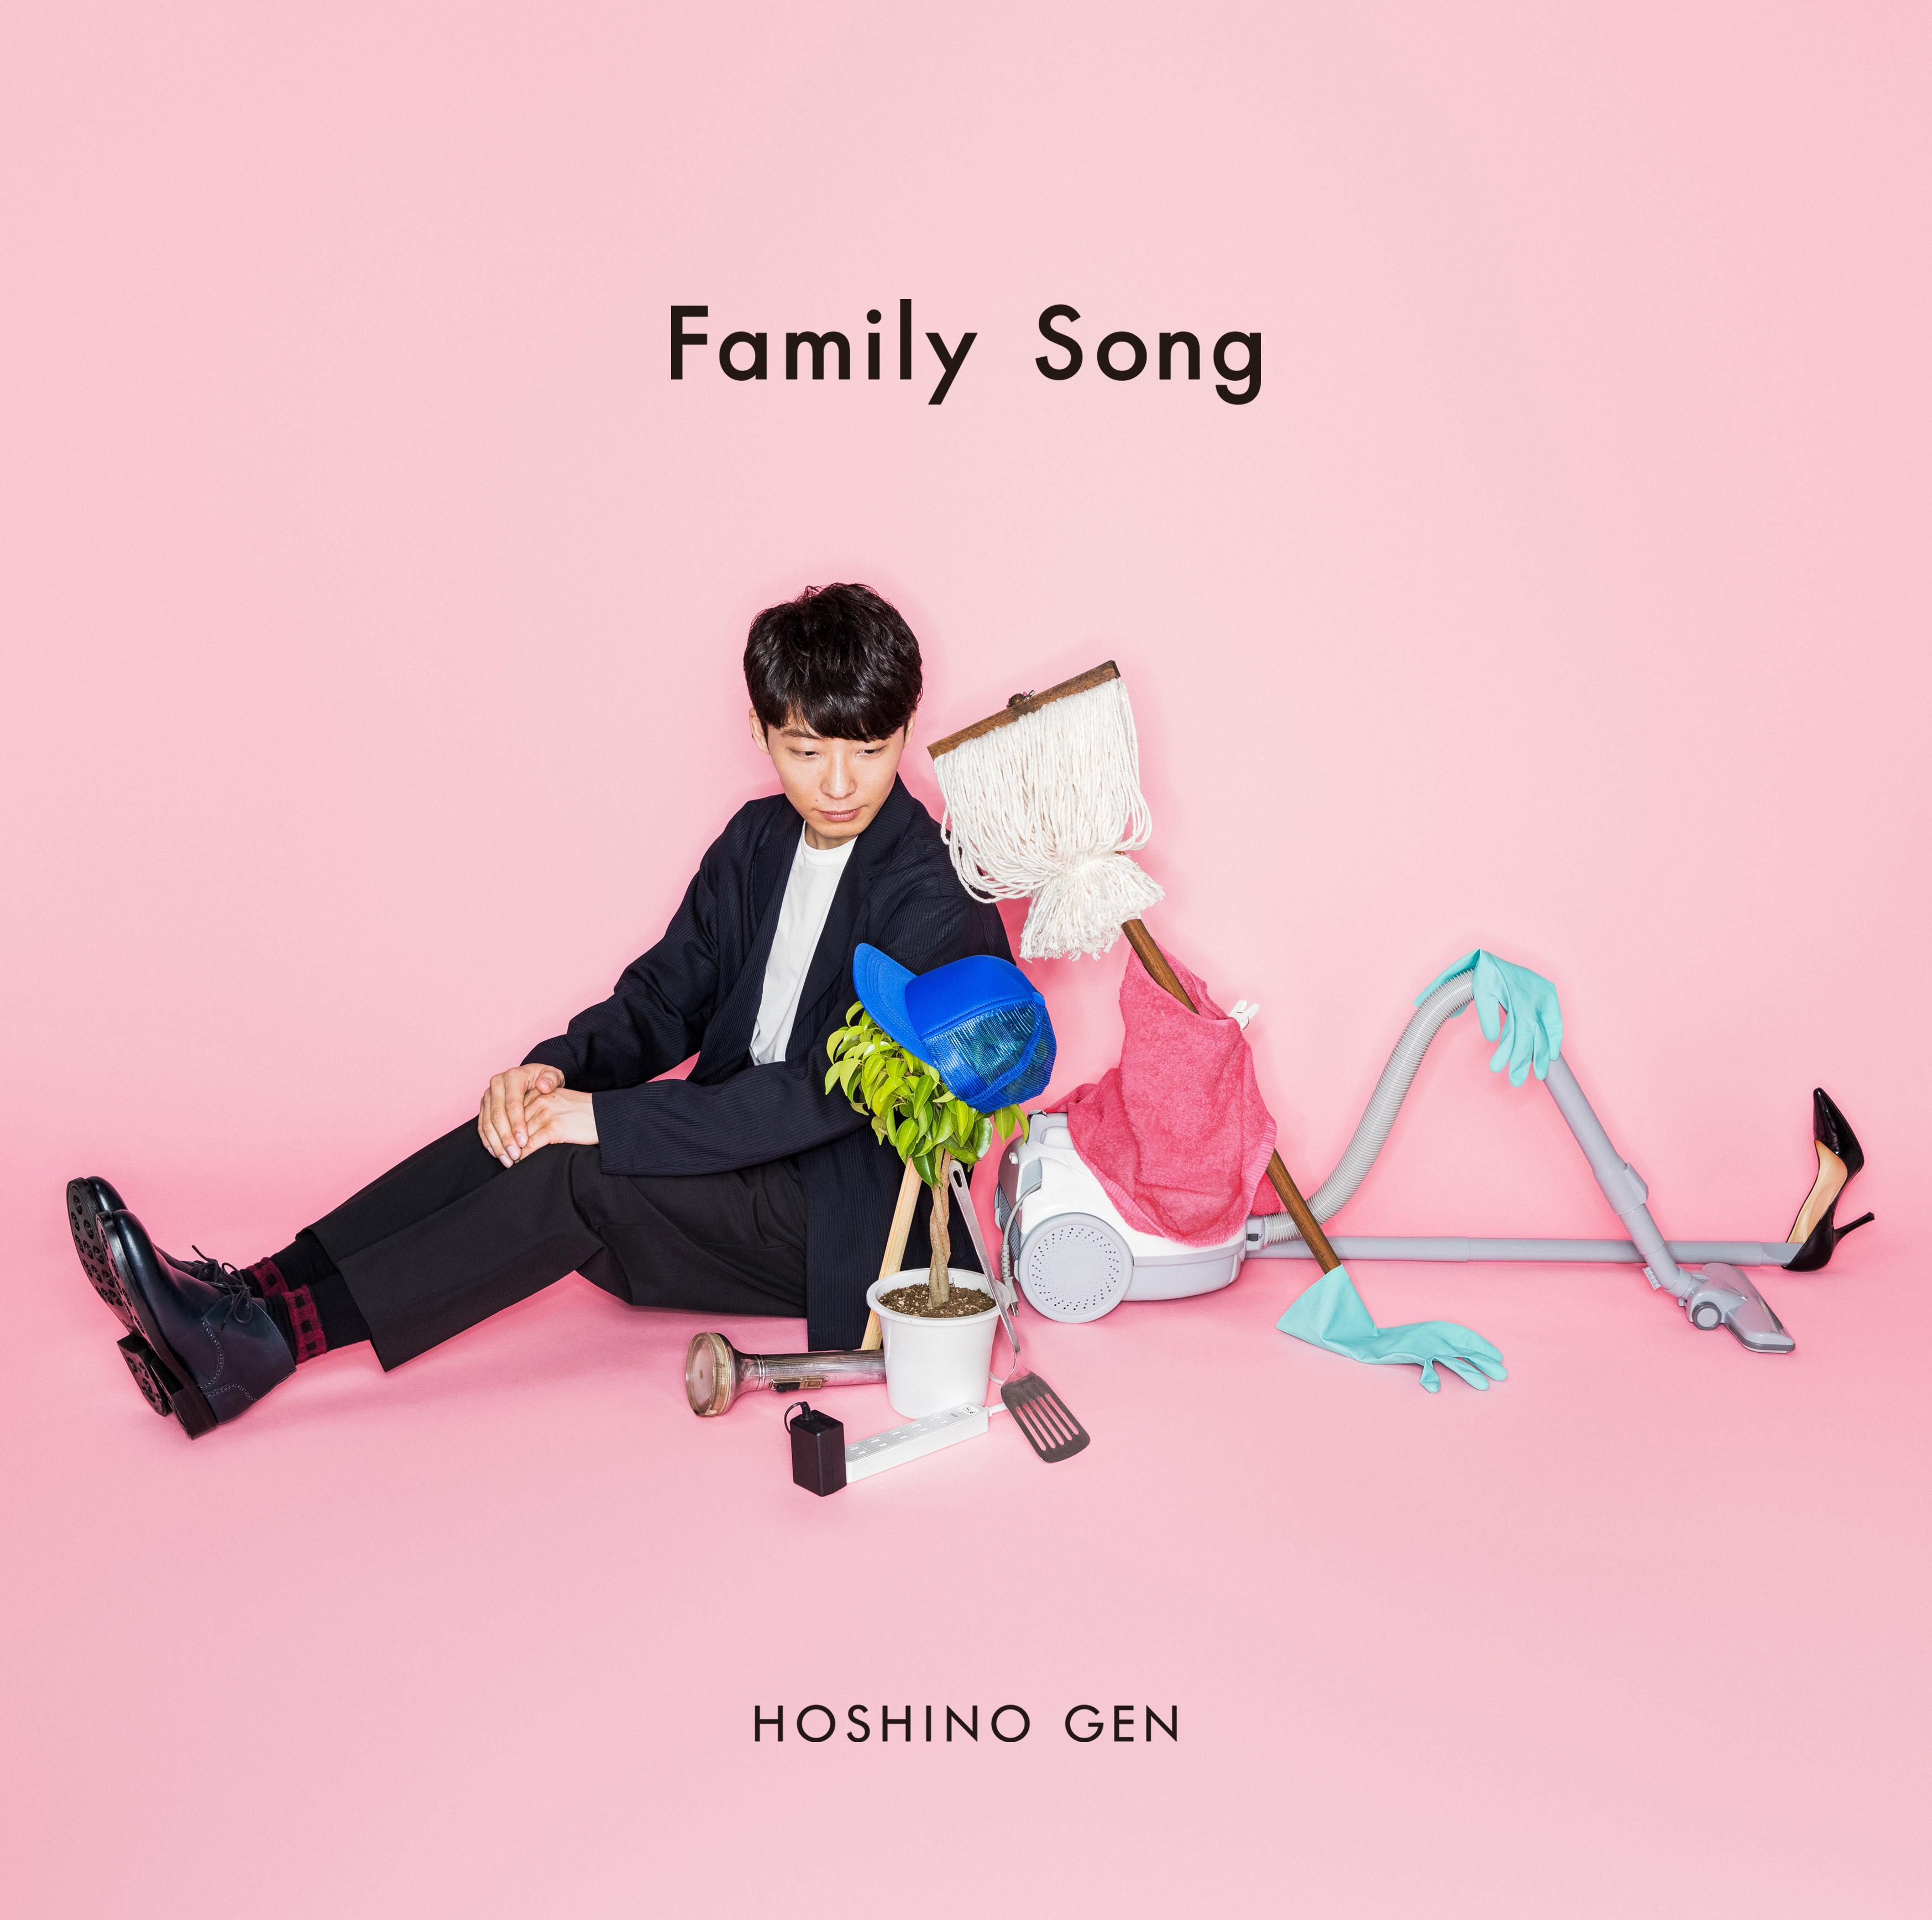 星野源 新作シングル『Family Song』に収録の新曲「肌」が「ビオレu」新CMソングに!